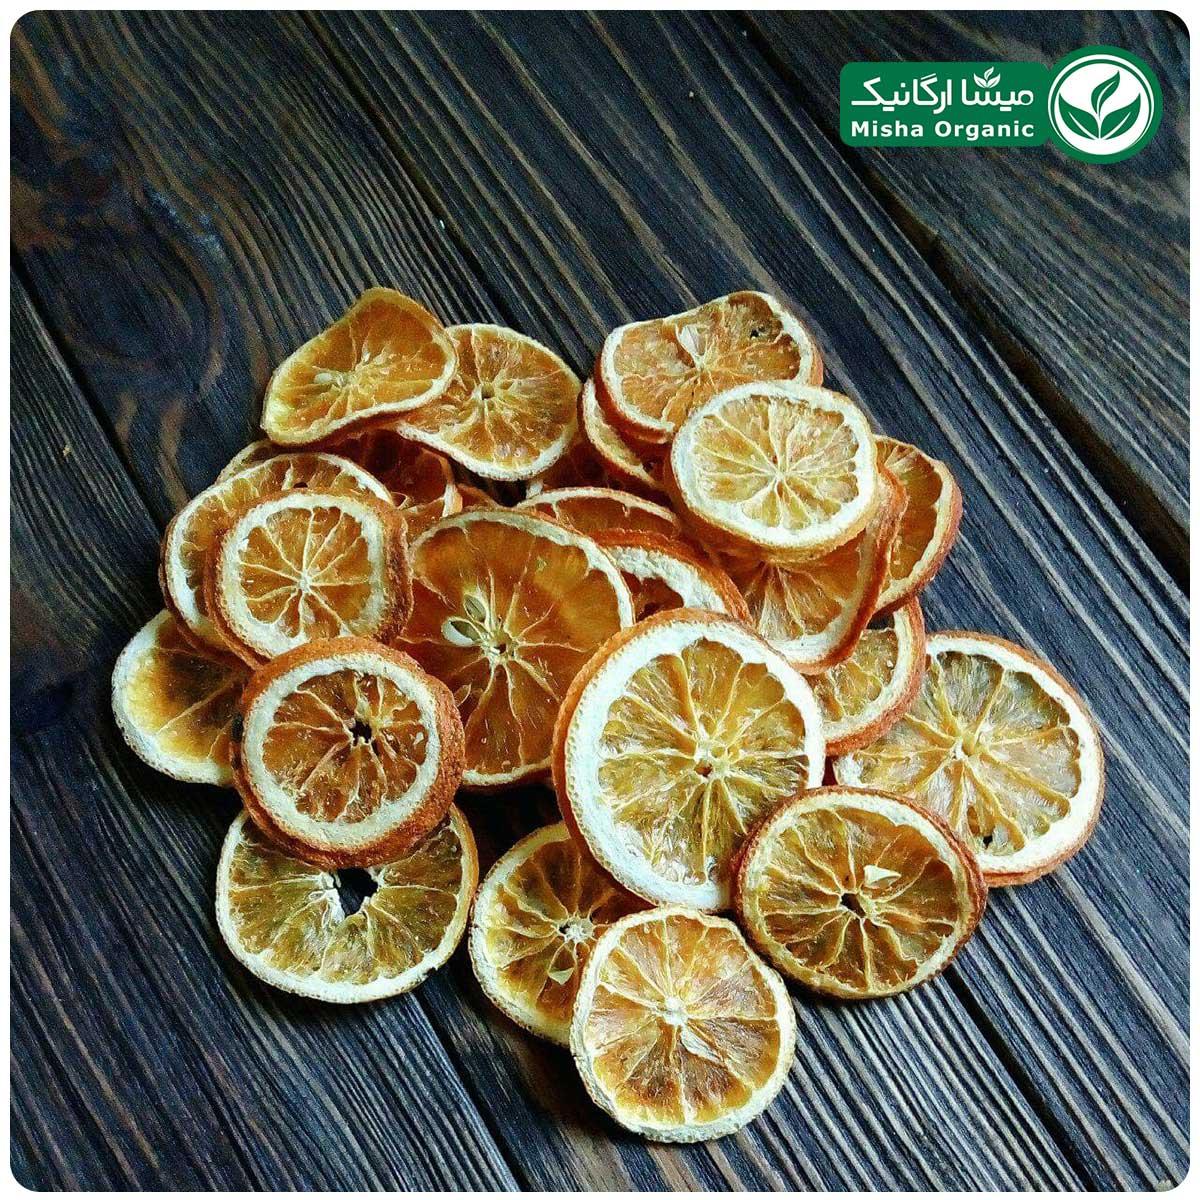 دمنوش حلقه لیمو ارگانیک نافه